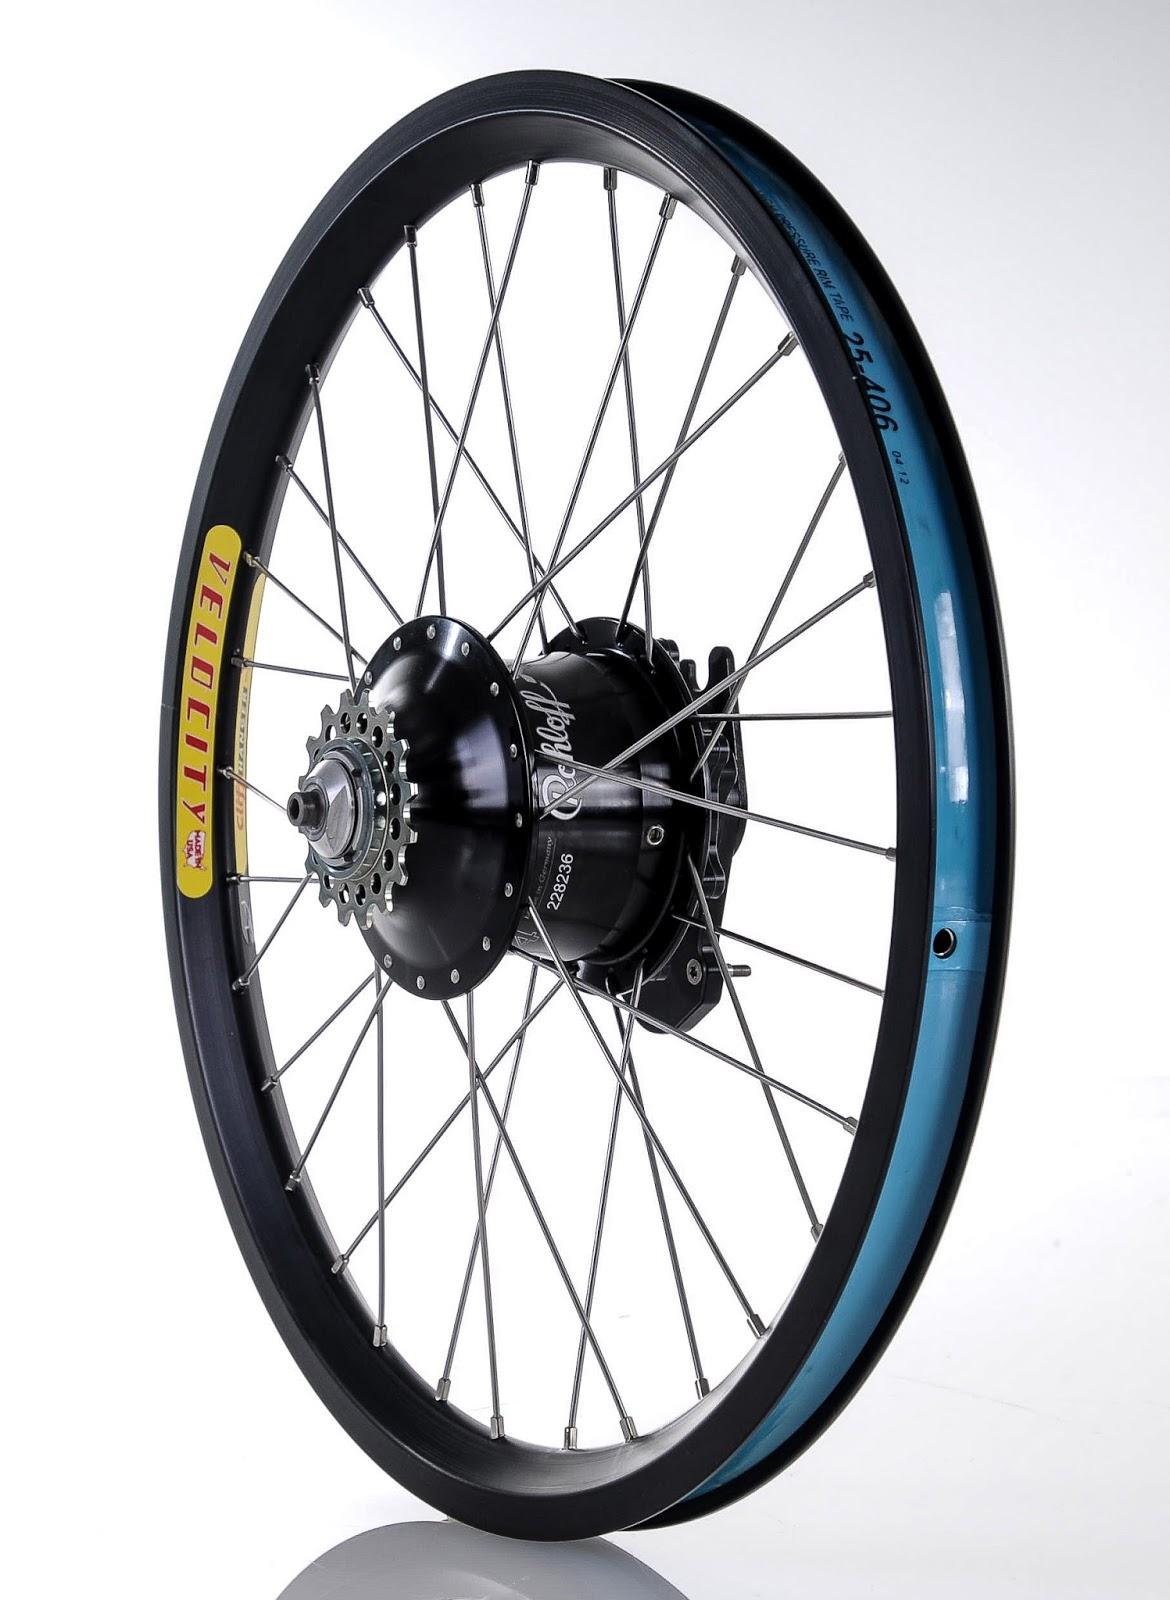 Cycle Monkey Wheel House Recumbent Wheel 20 Velocity